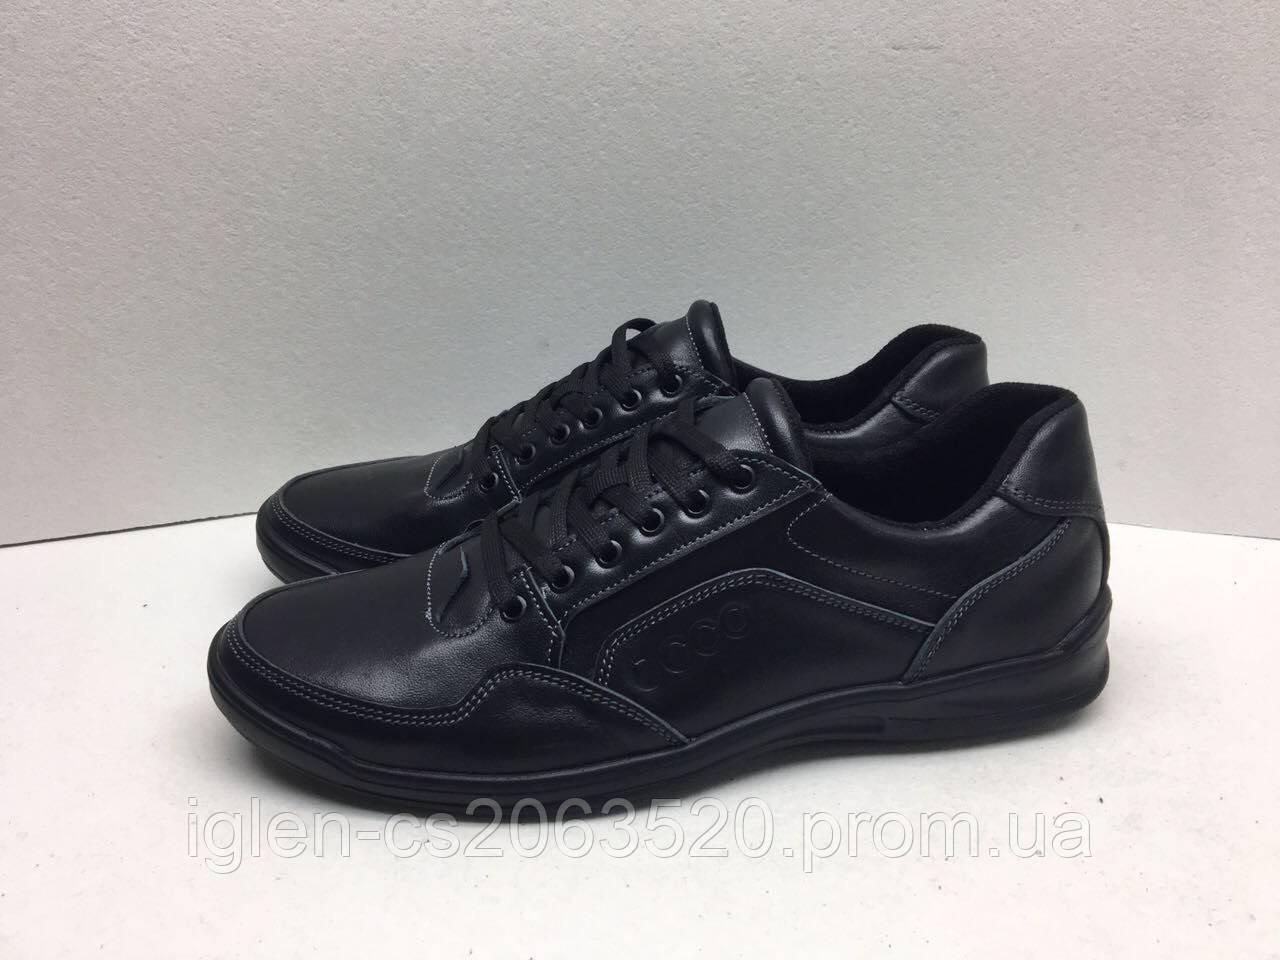 Мужские кроссовки ECCO черные  продажа 001218c271c0e